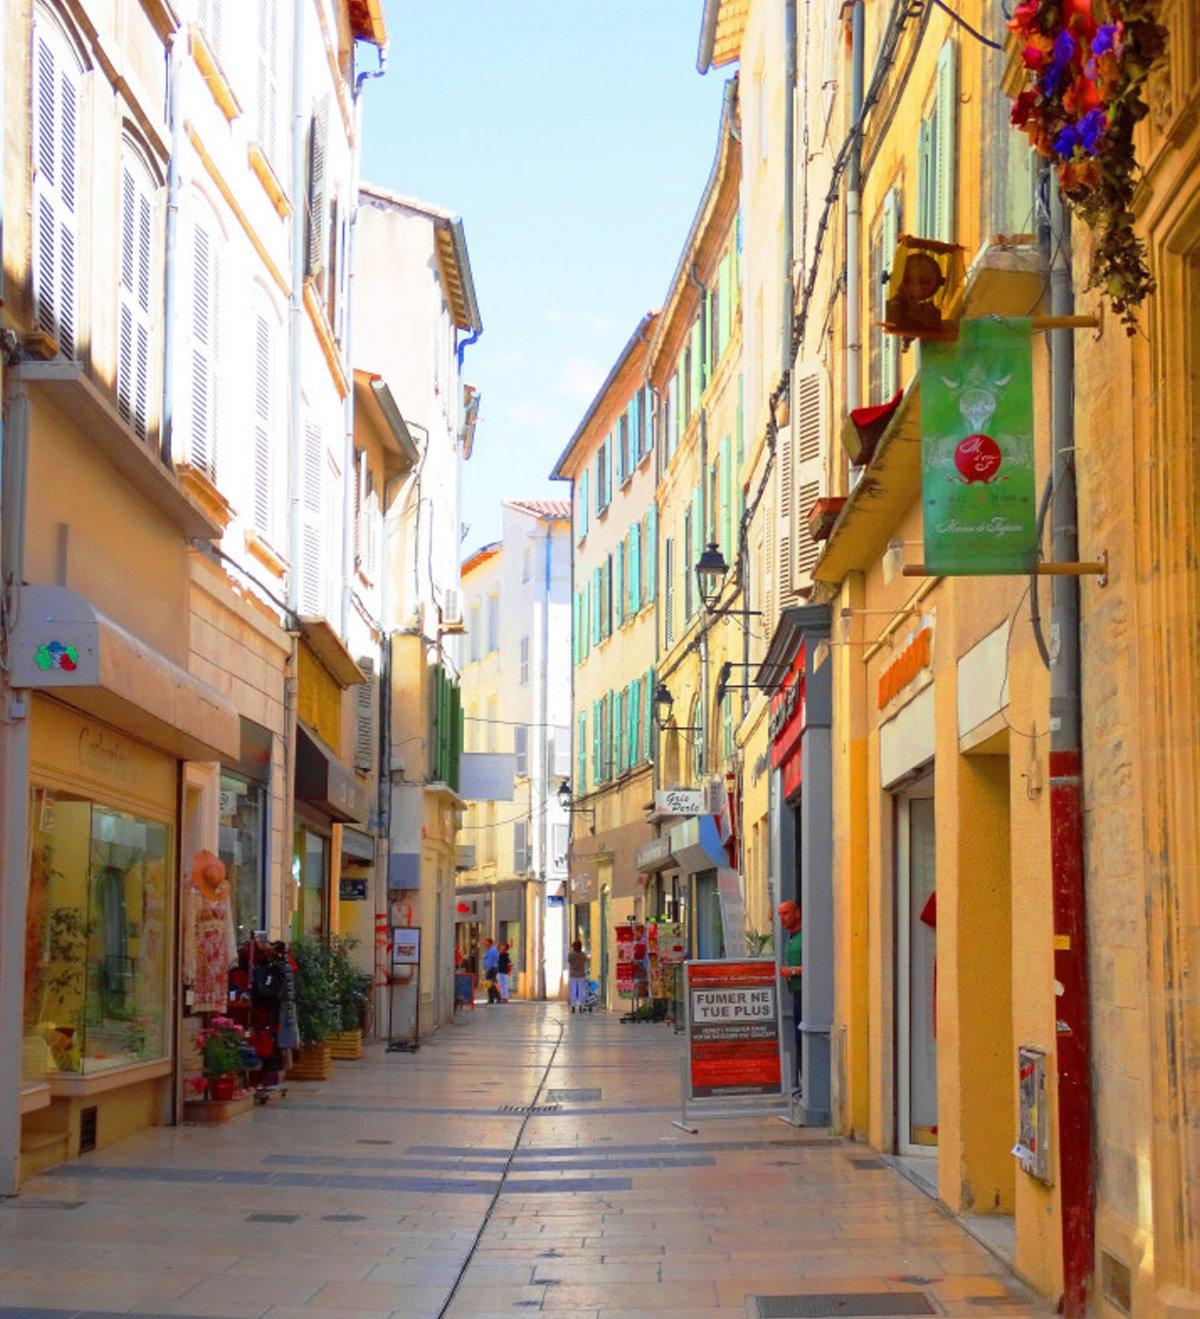 Αβινιόν, Γαλλία